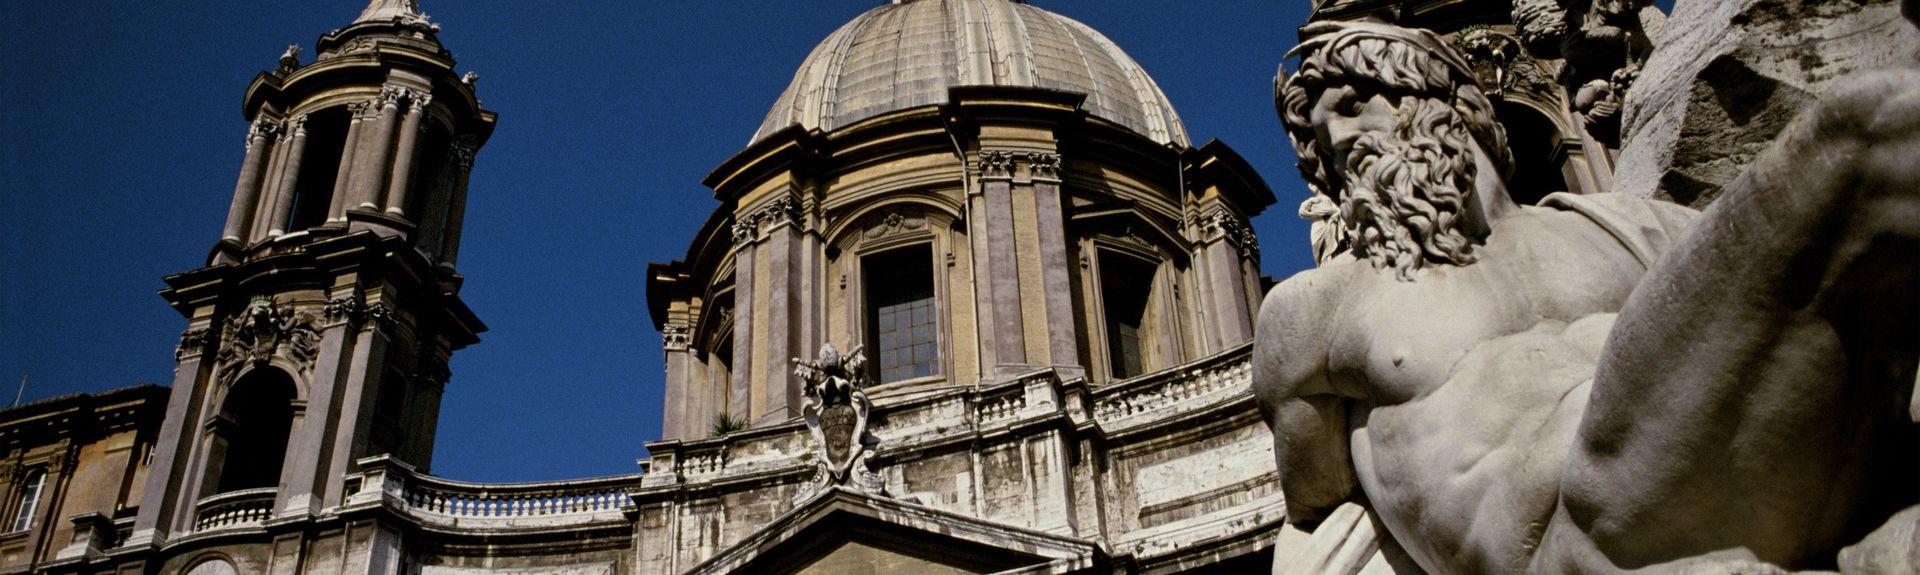 Centro Storico, Rome, Italy